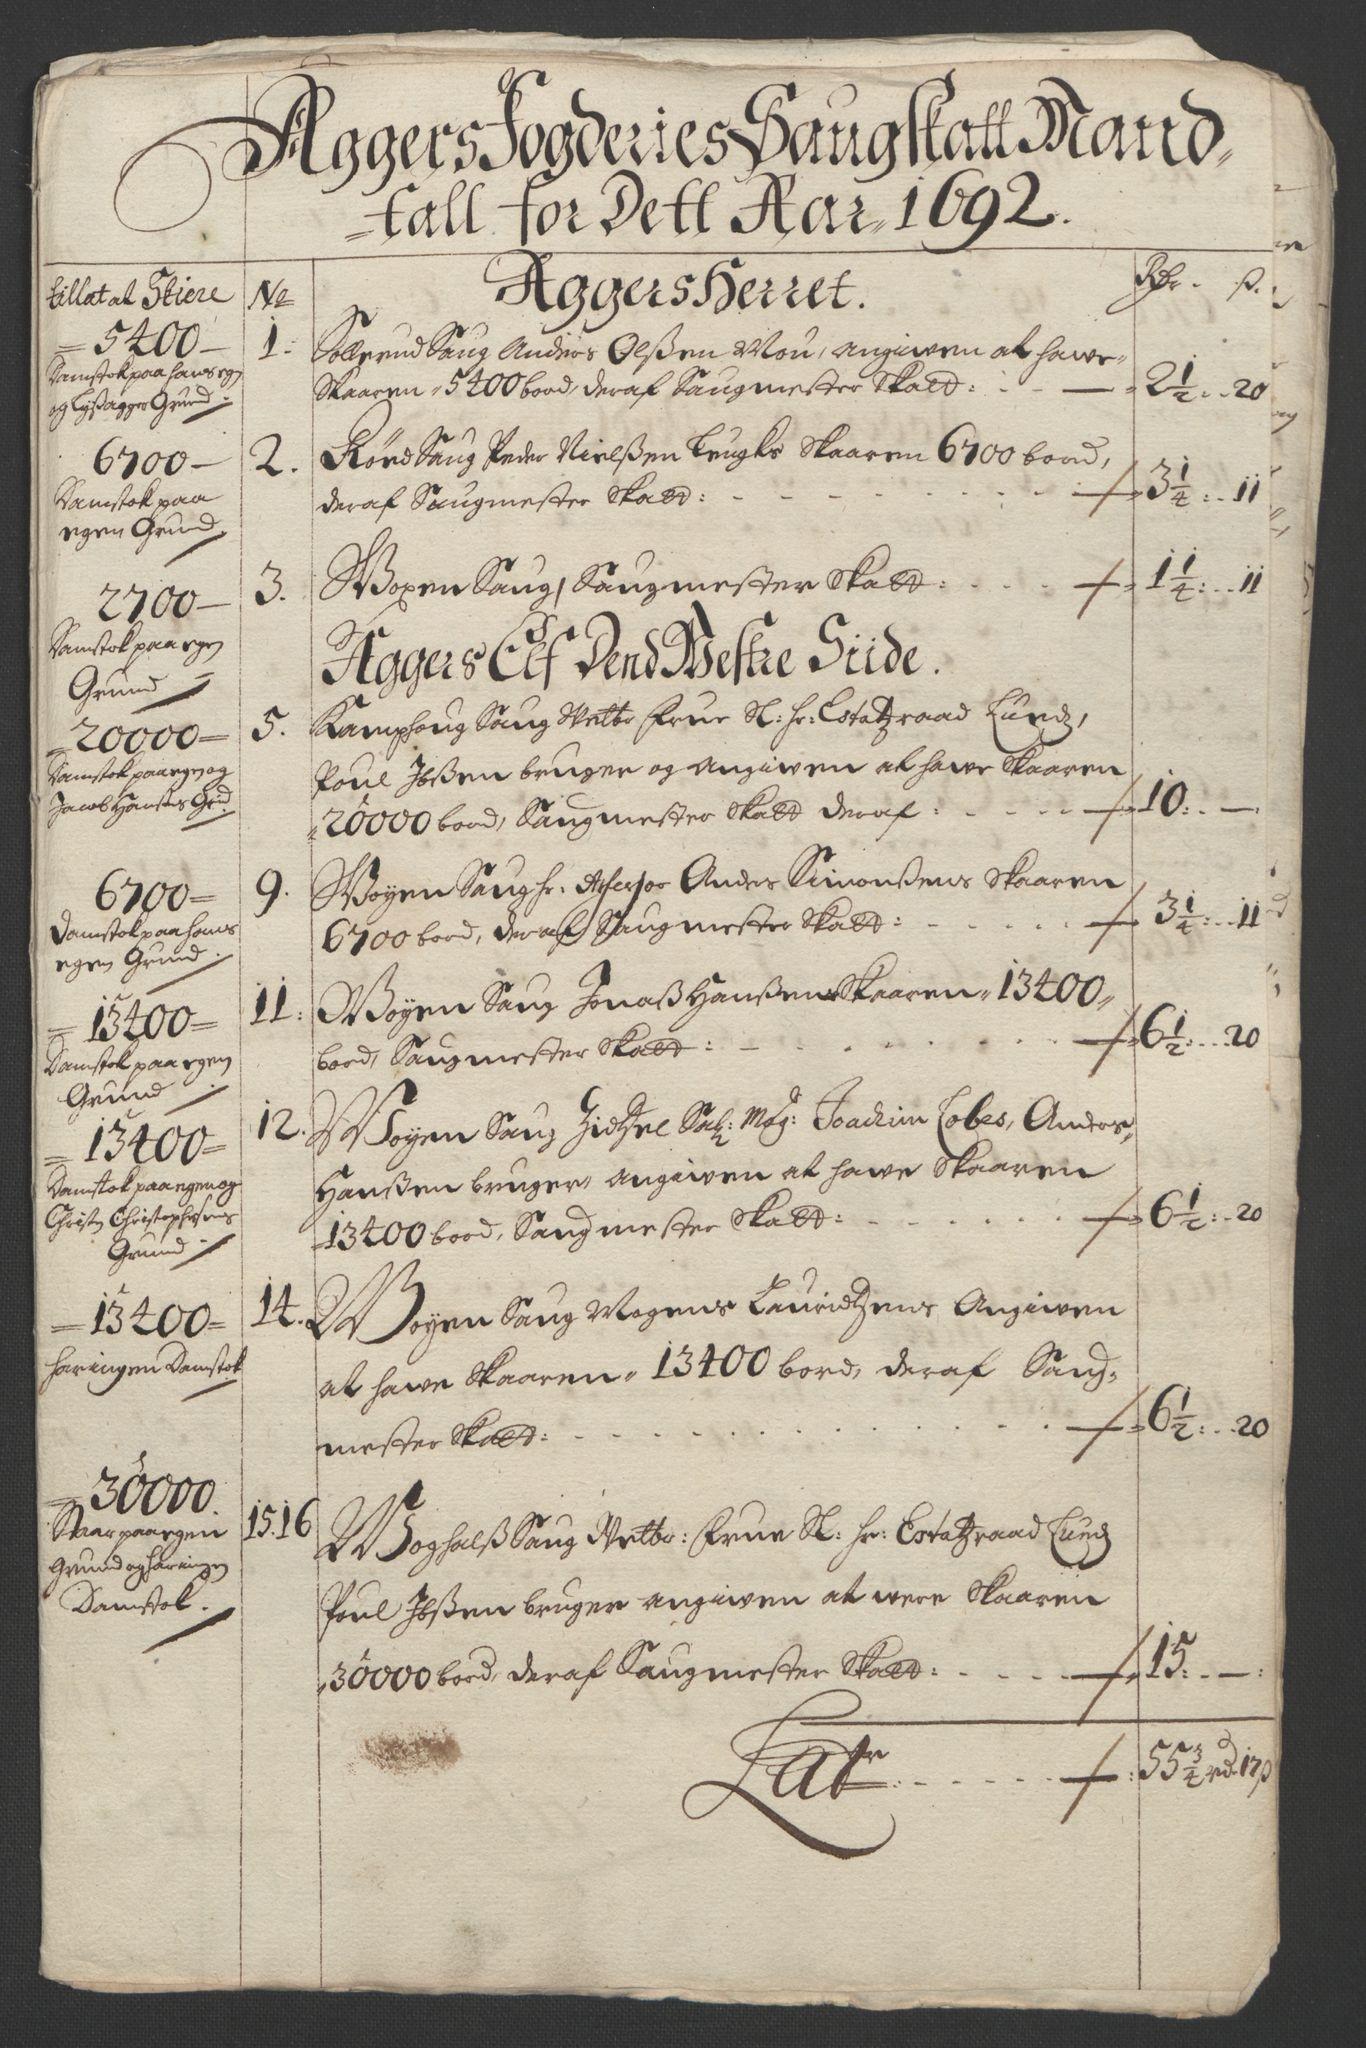 RA, Rentekammeret inntil 1814, Reviderte regnskaper, Fogderegnskap, R08/L0426: Fogderegnskap Aker, 1692-1693, s. 100